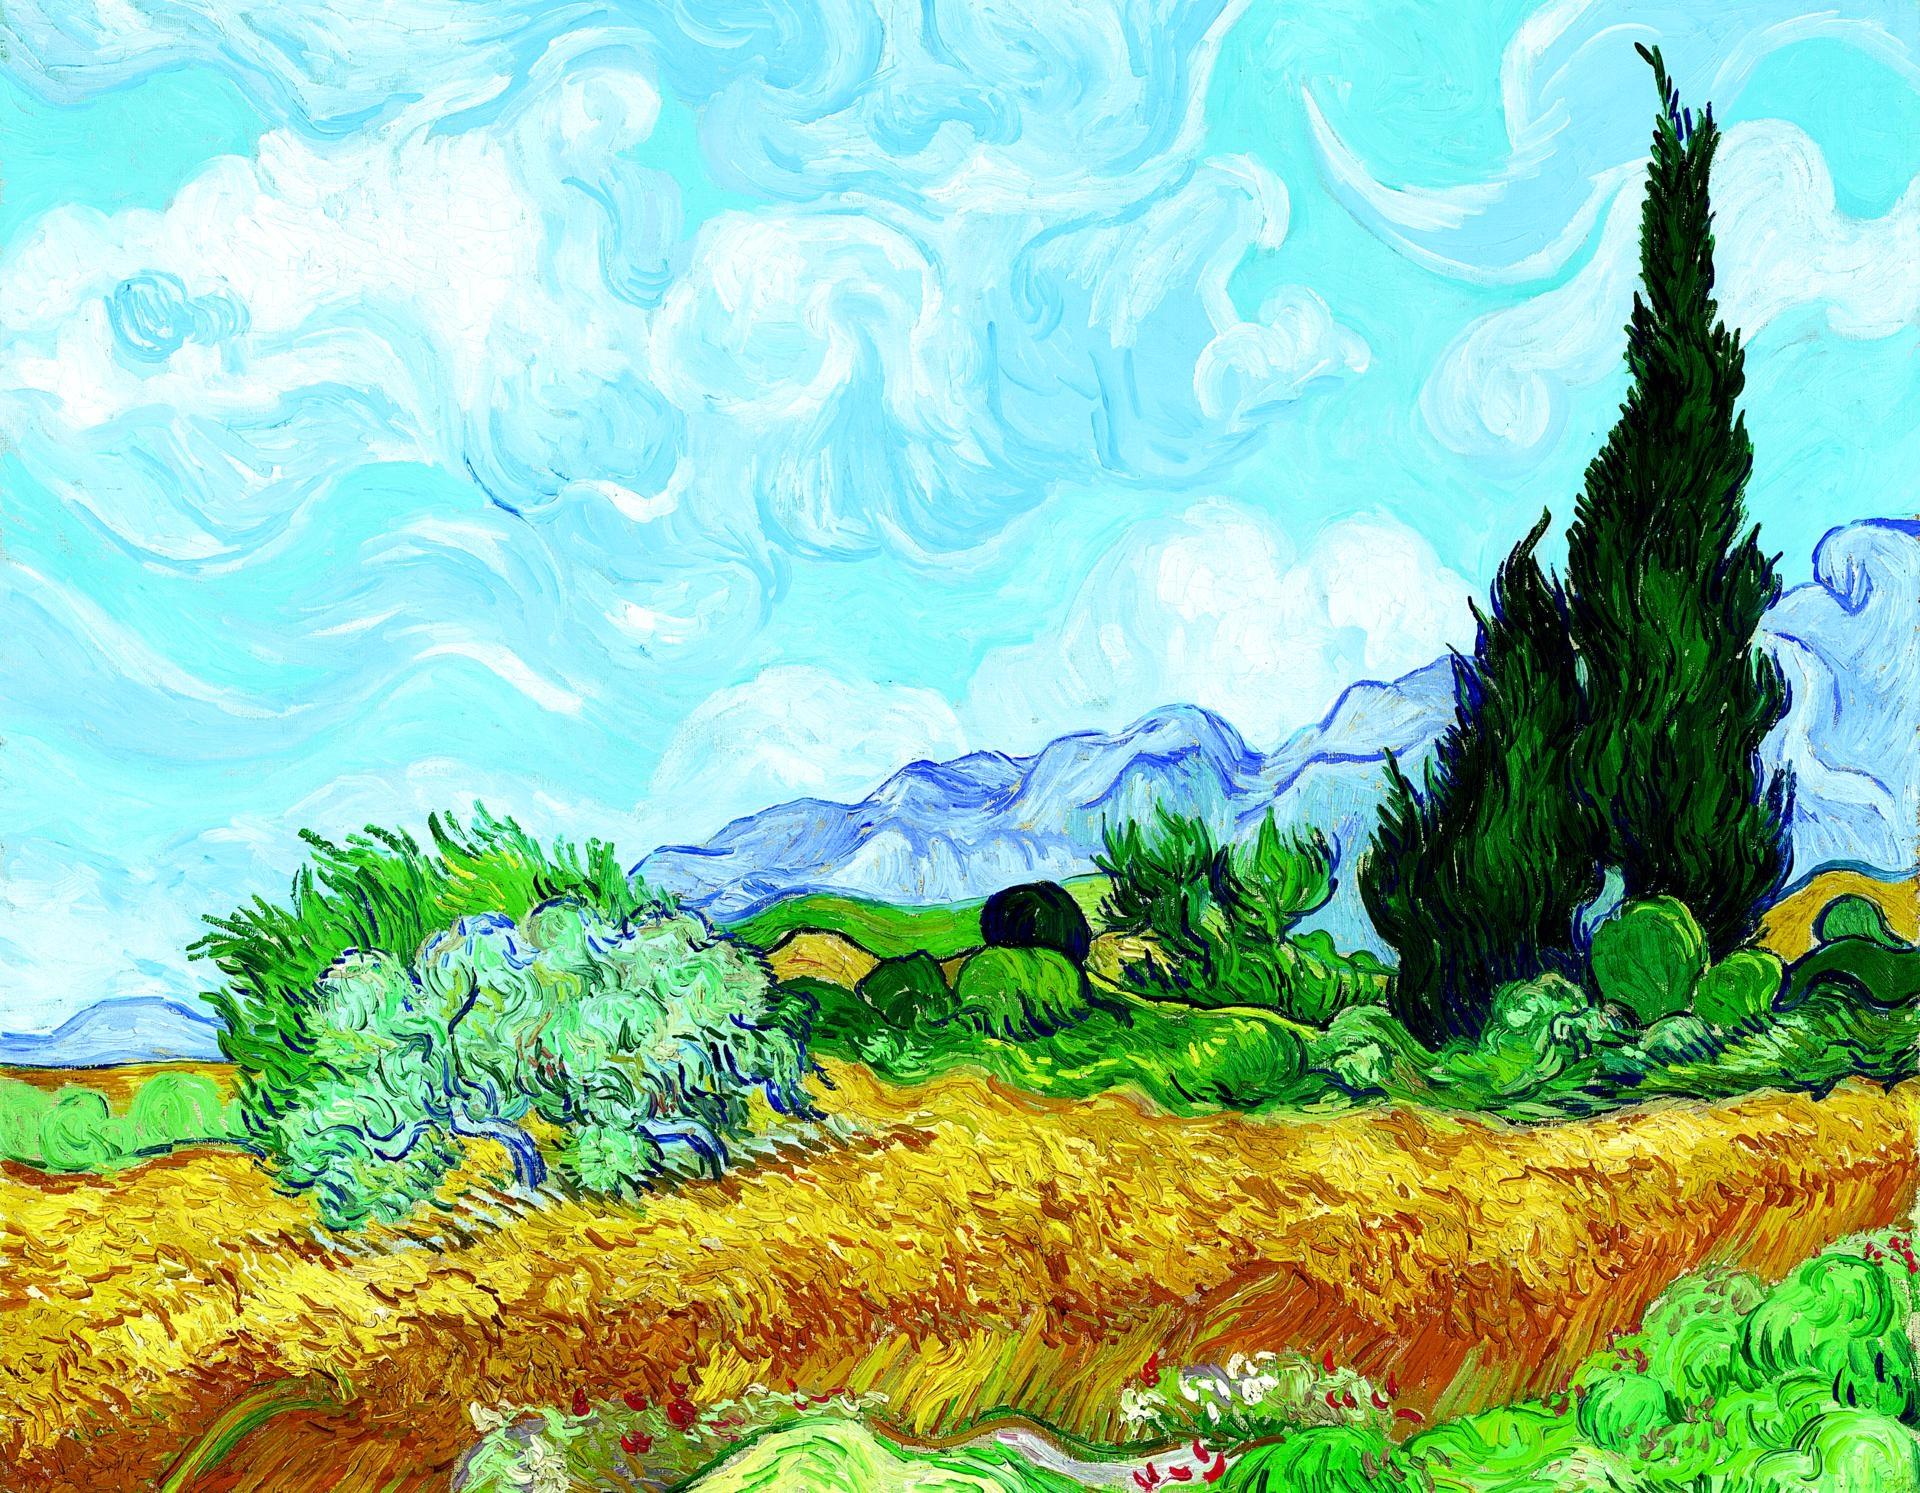 0003_梵高_03梵高麦田中的柏树(7090)-世界名画高清调色版套图20幅TIF_5316x4134PX_TIF_150DPI_65_0